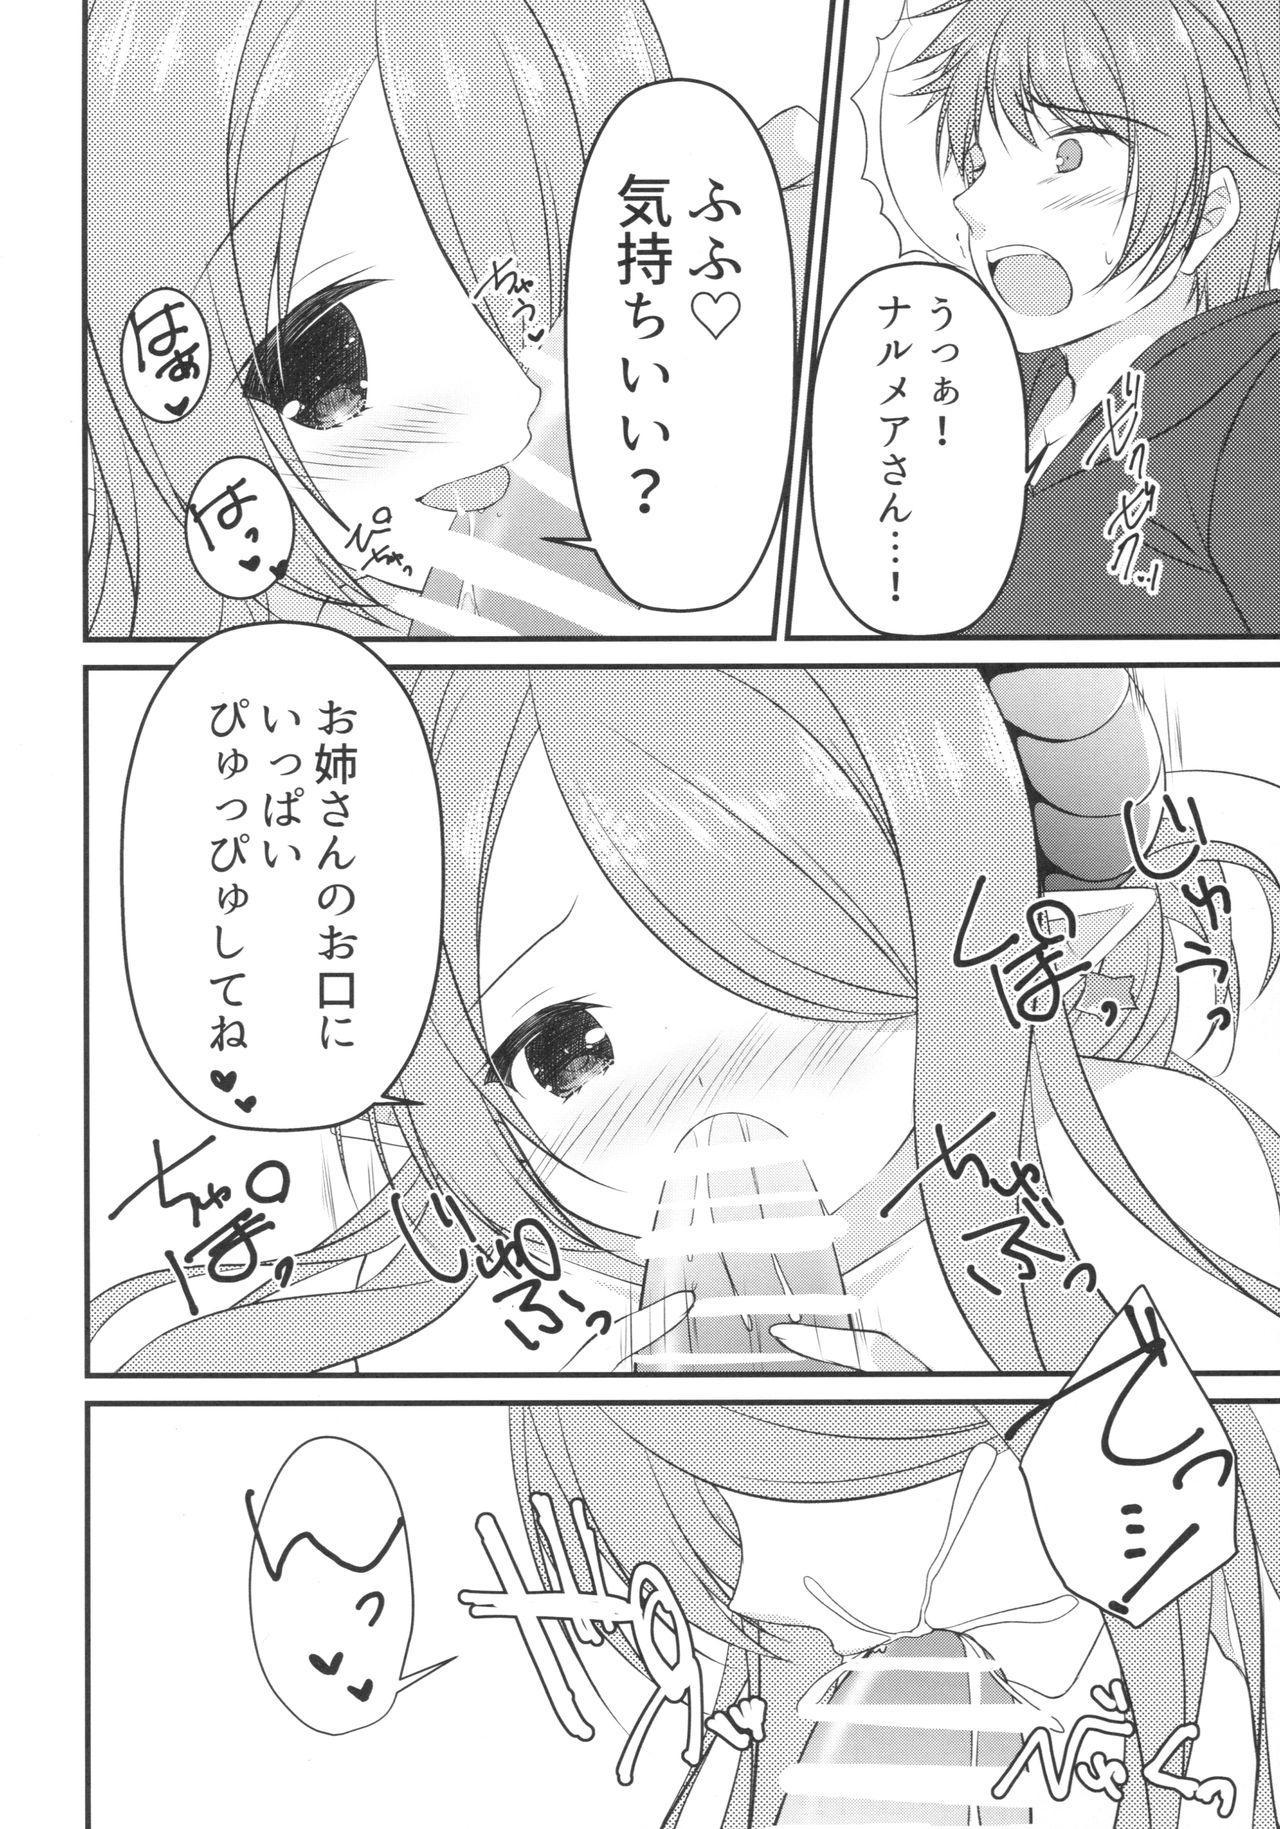 Oira no Inai Toko de Nani Shitenda?! 4